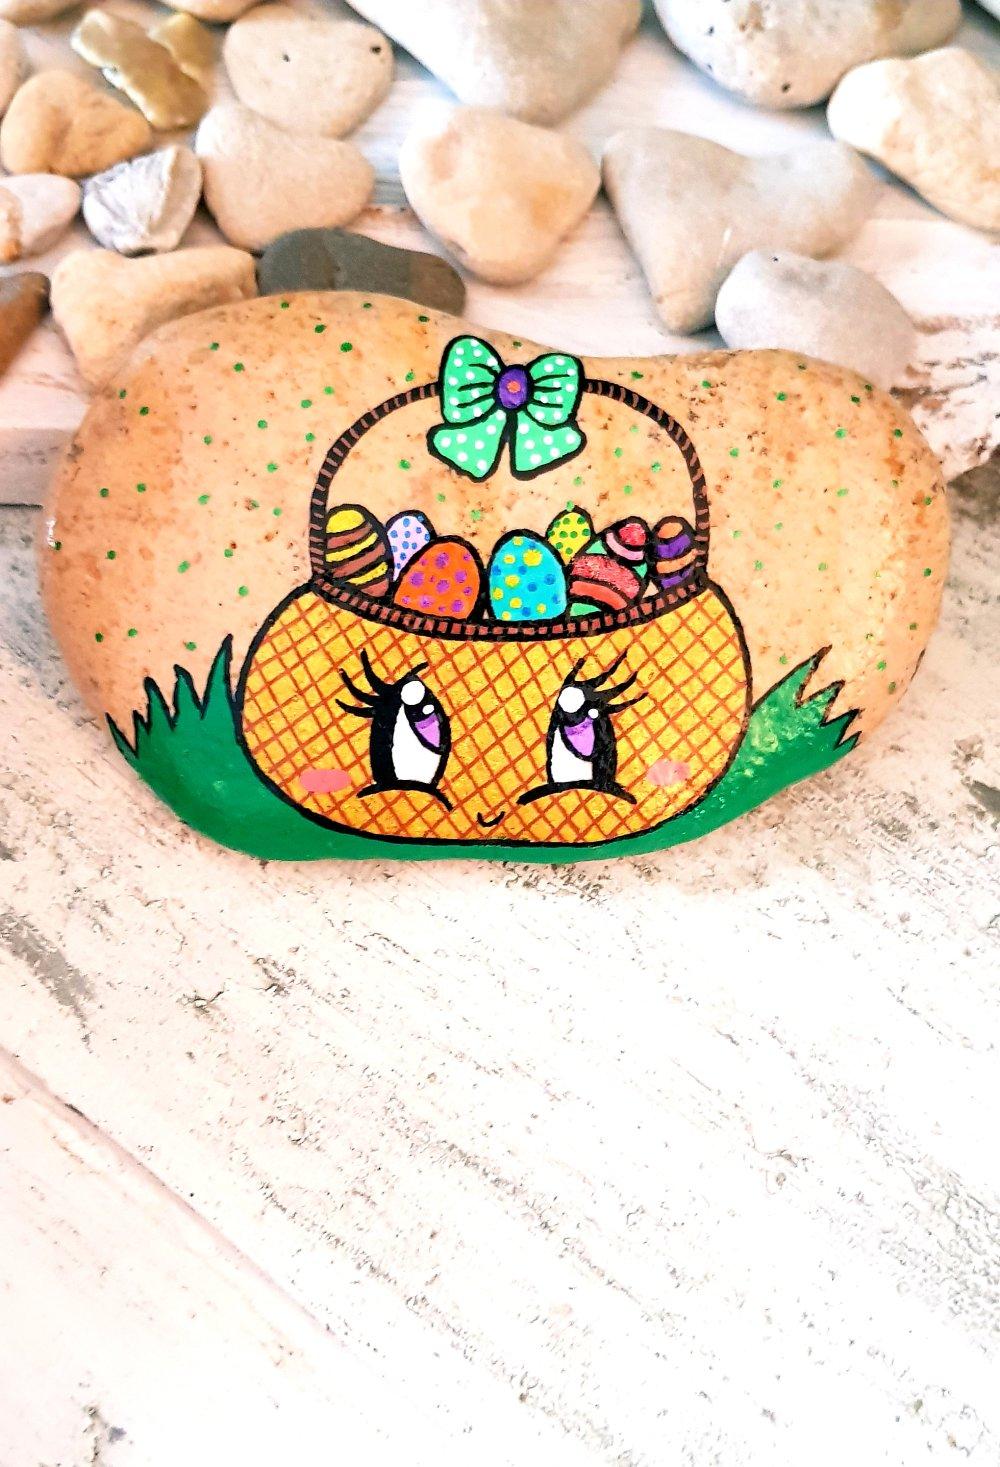 Les galets pâques (poules,oeufs,cloches,lapins)